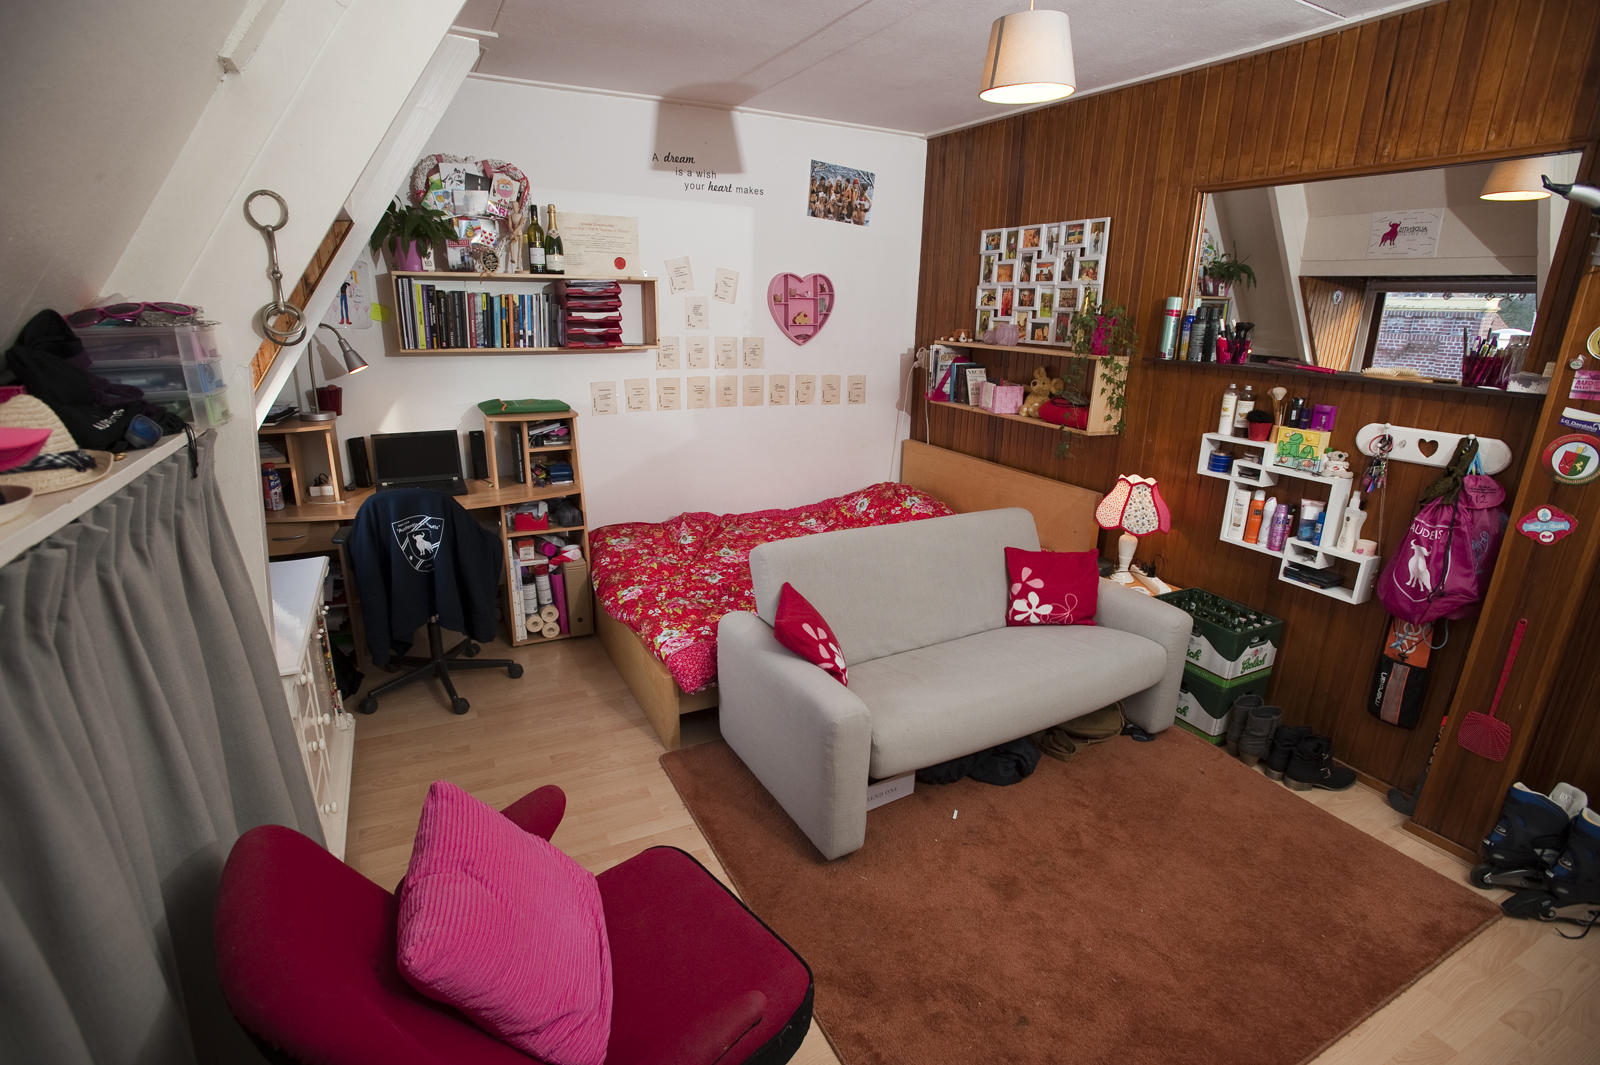 Hoe je slaapkamer gezellig maken beste inspiratie kamers design en meubels - Kamer sfeer ...